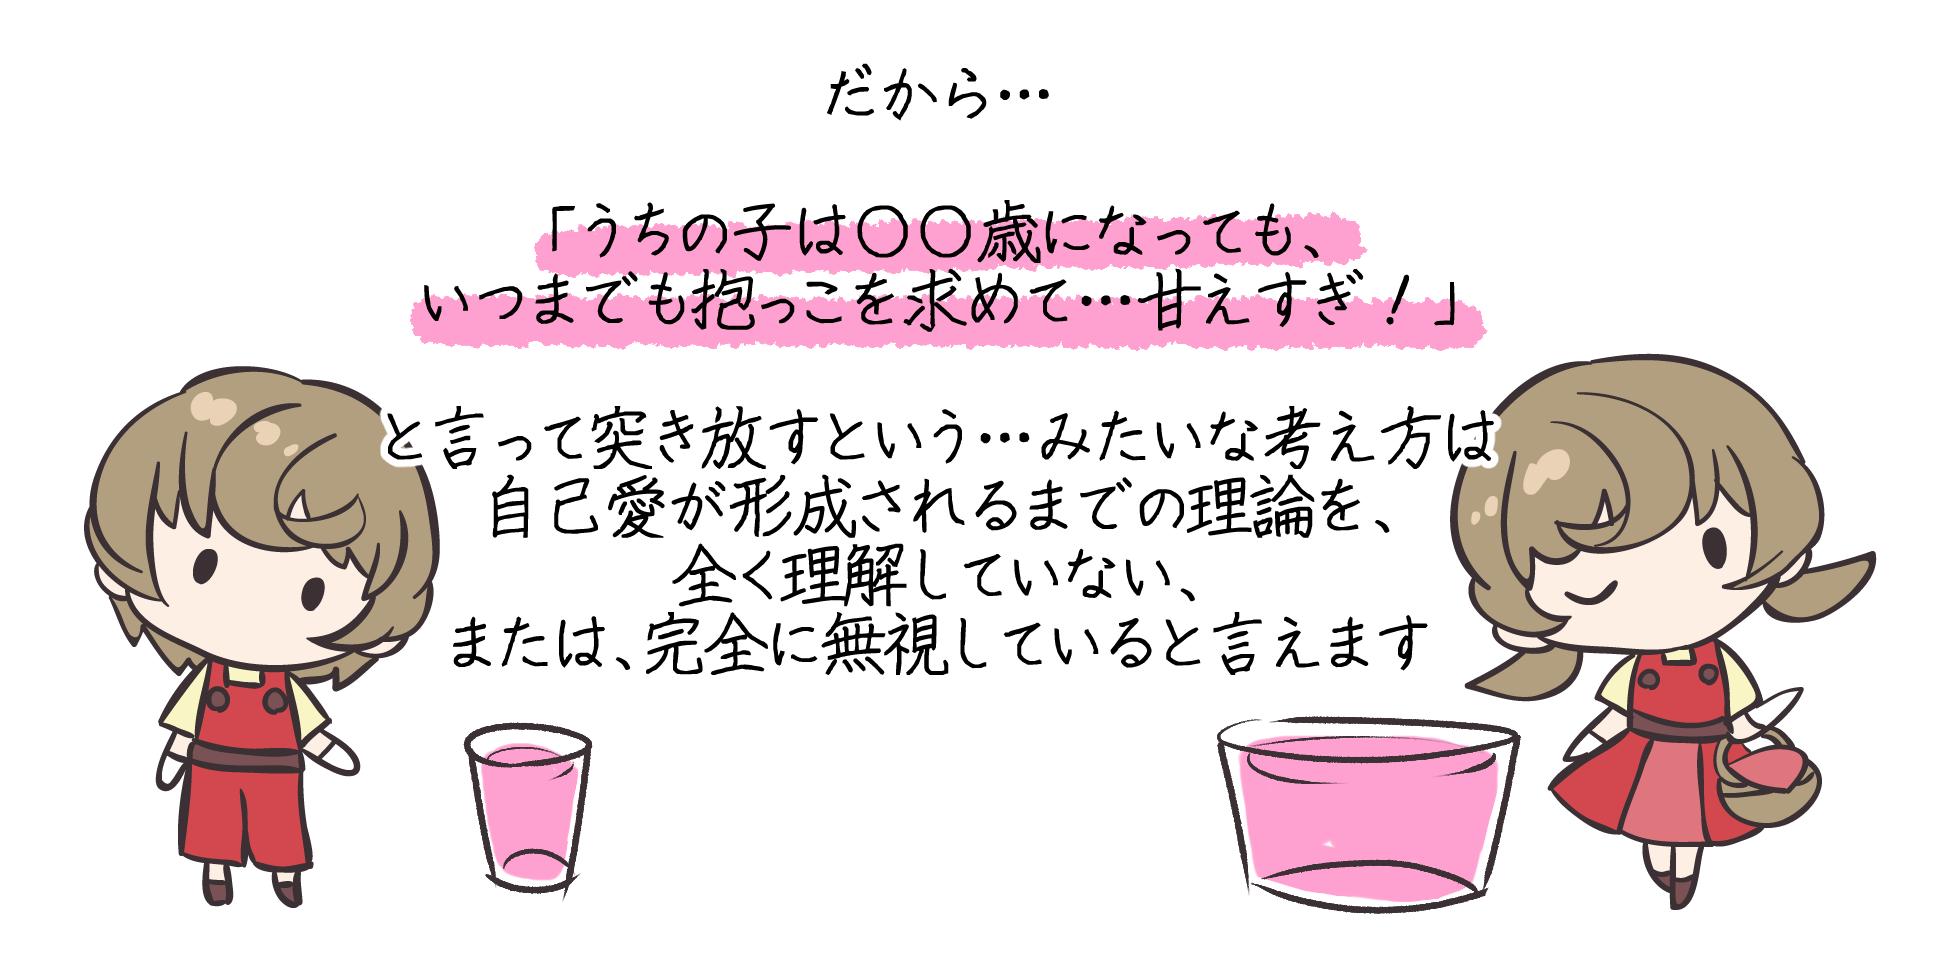 愛情の器解説4